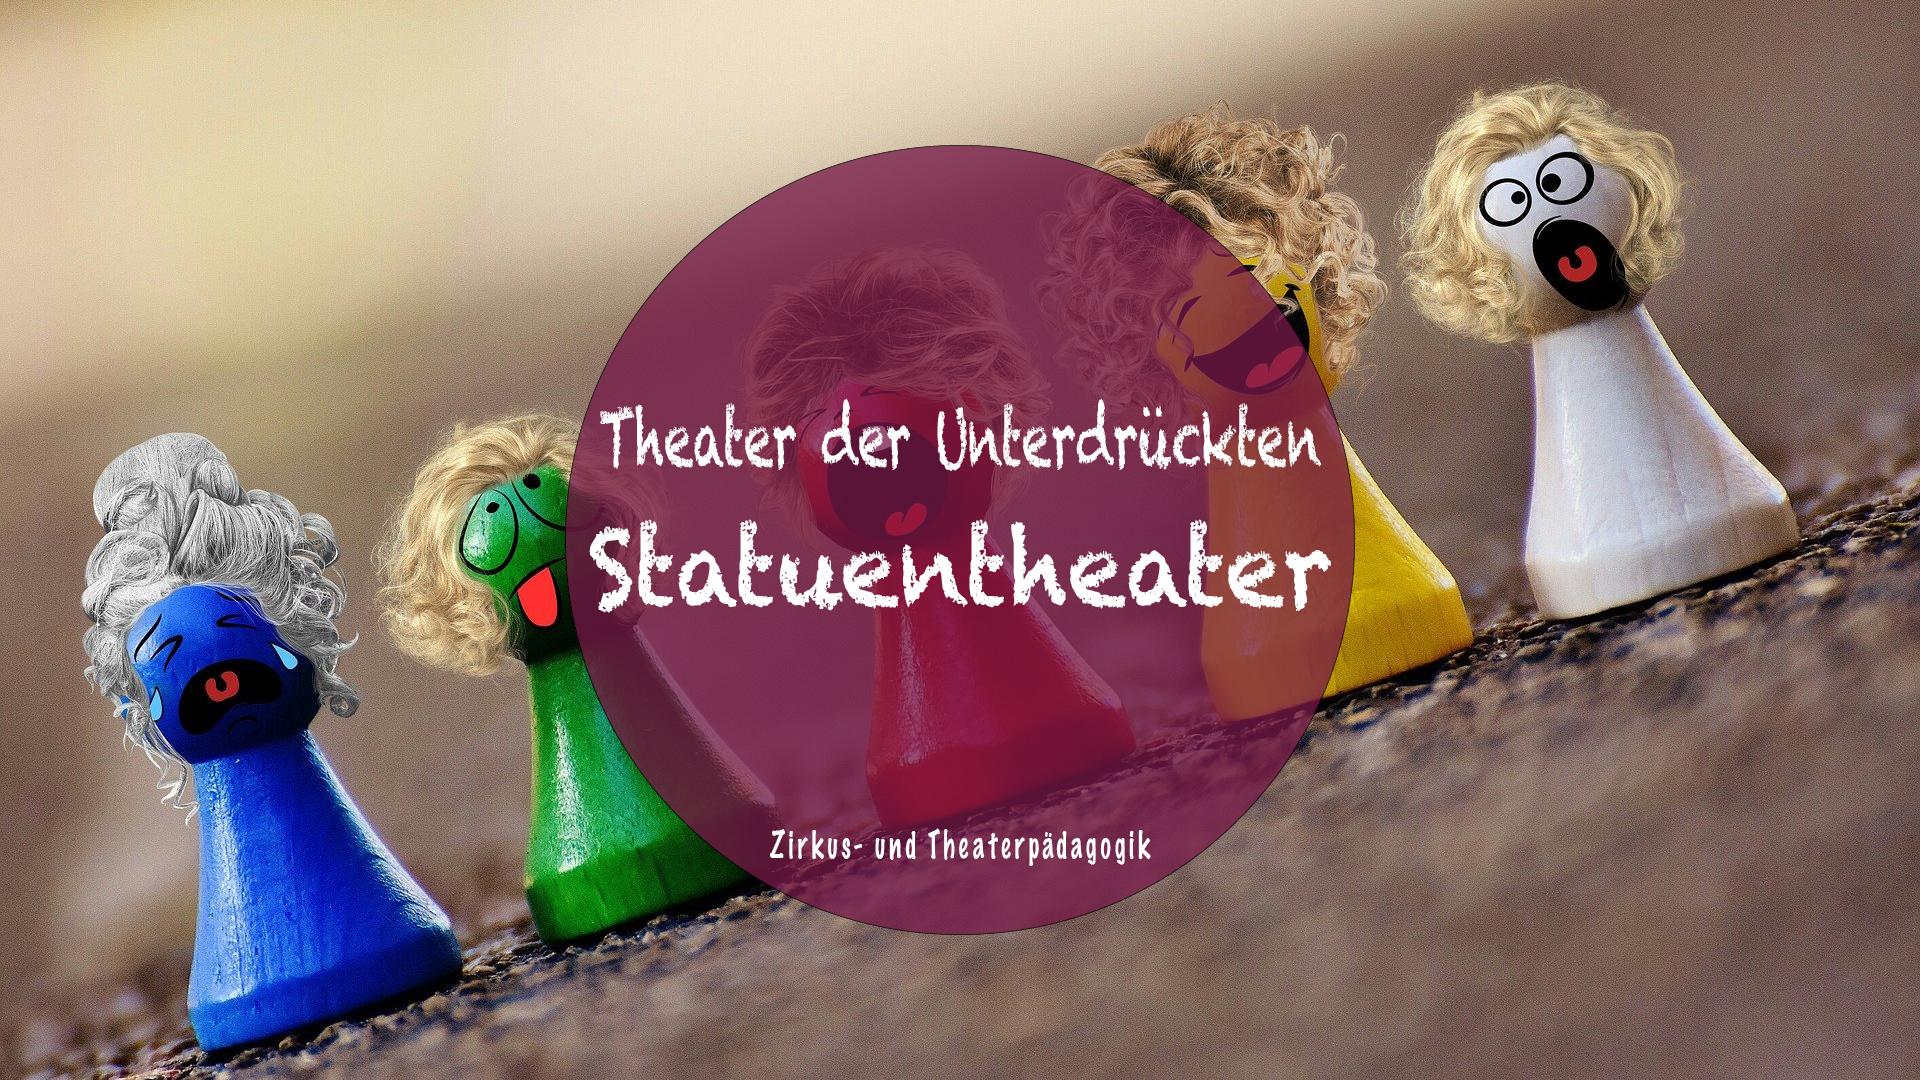 Statuentheater – Theater der Unterdrückten: So findest du Lösungen mit deinen Adressat*innen